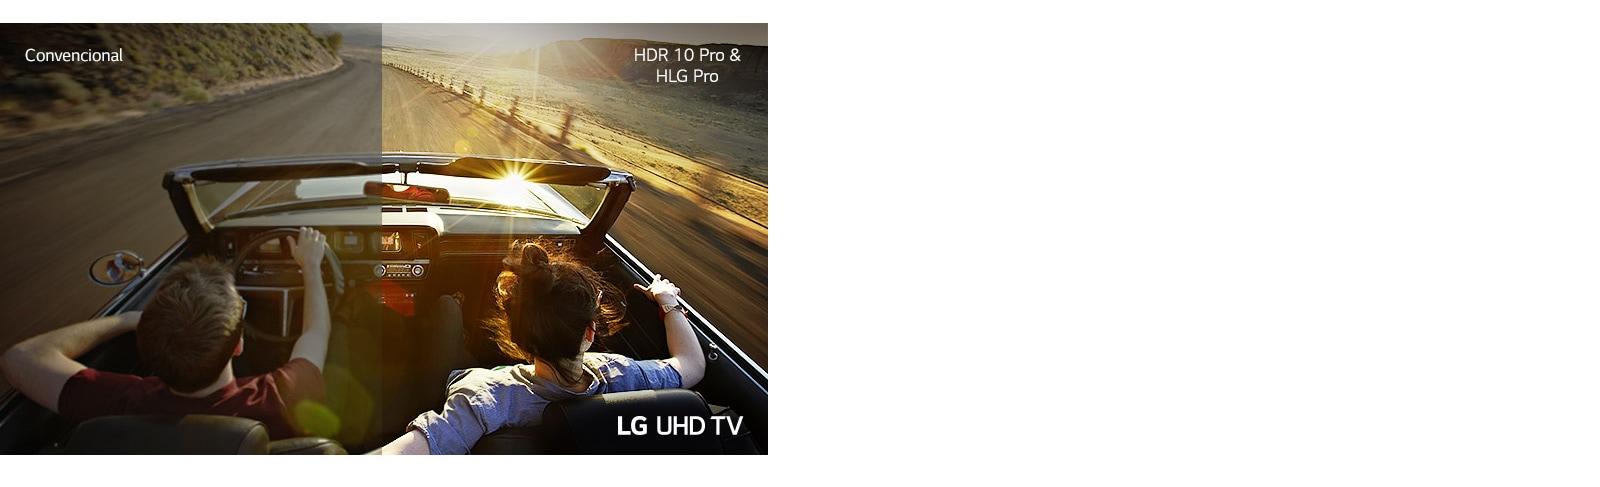 Visão traseira dividida do casal dirigindo o carro. À esquerda, a tela mostra a qualidade de imagem da TV convencional. À direita, a tela mostra a qualidade de imagem da TV LG UHD.